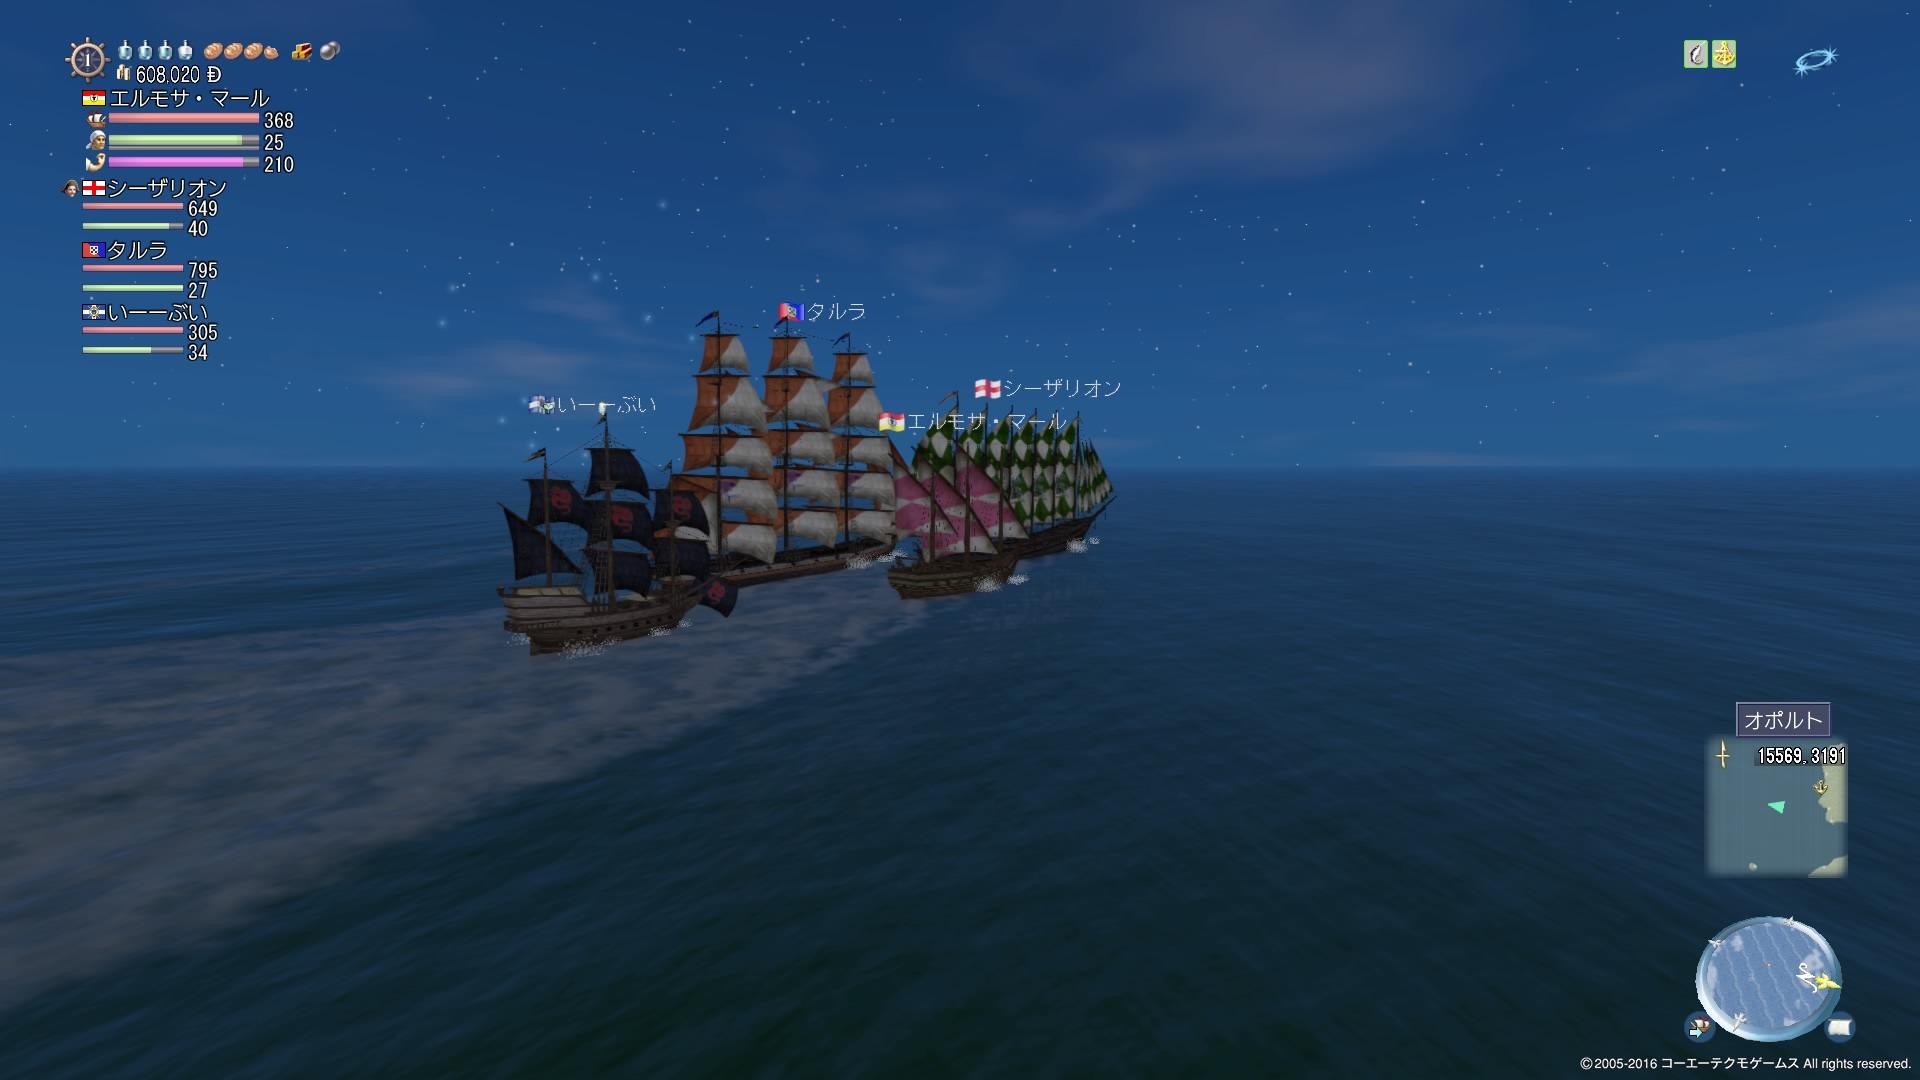 大航海時代 Online_230